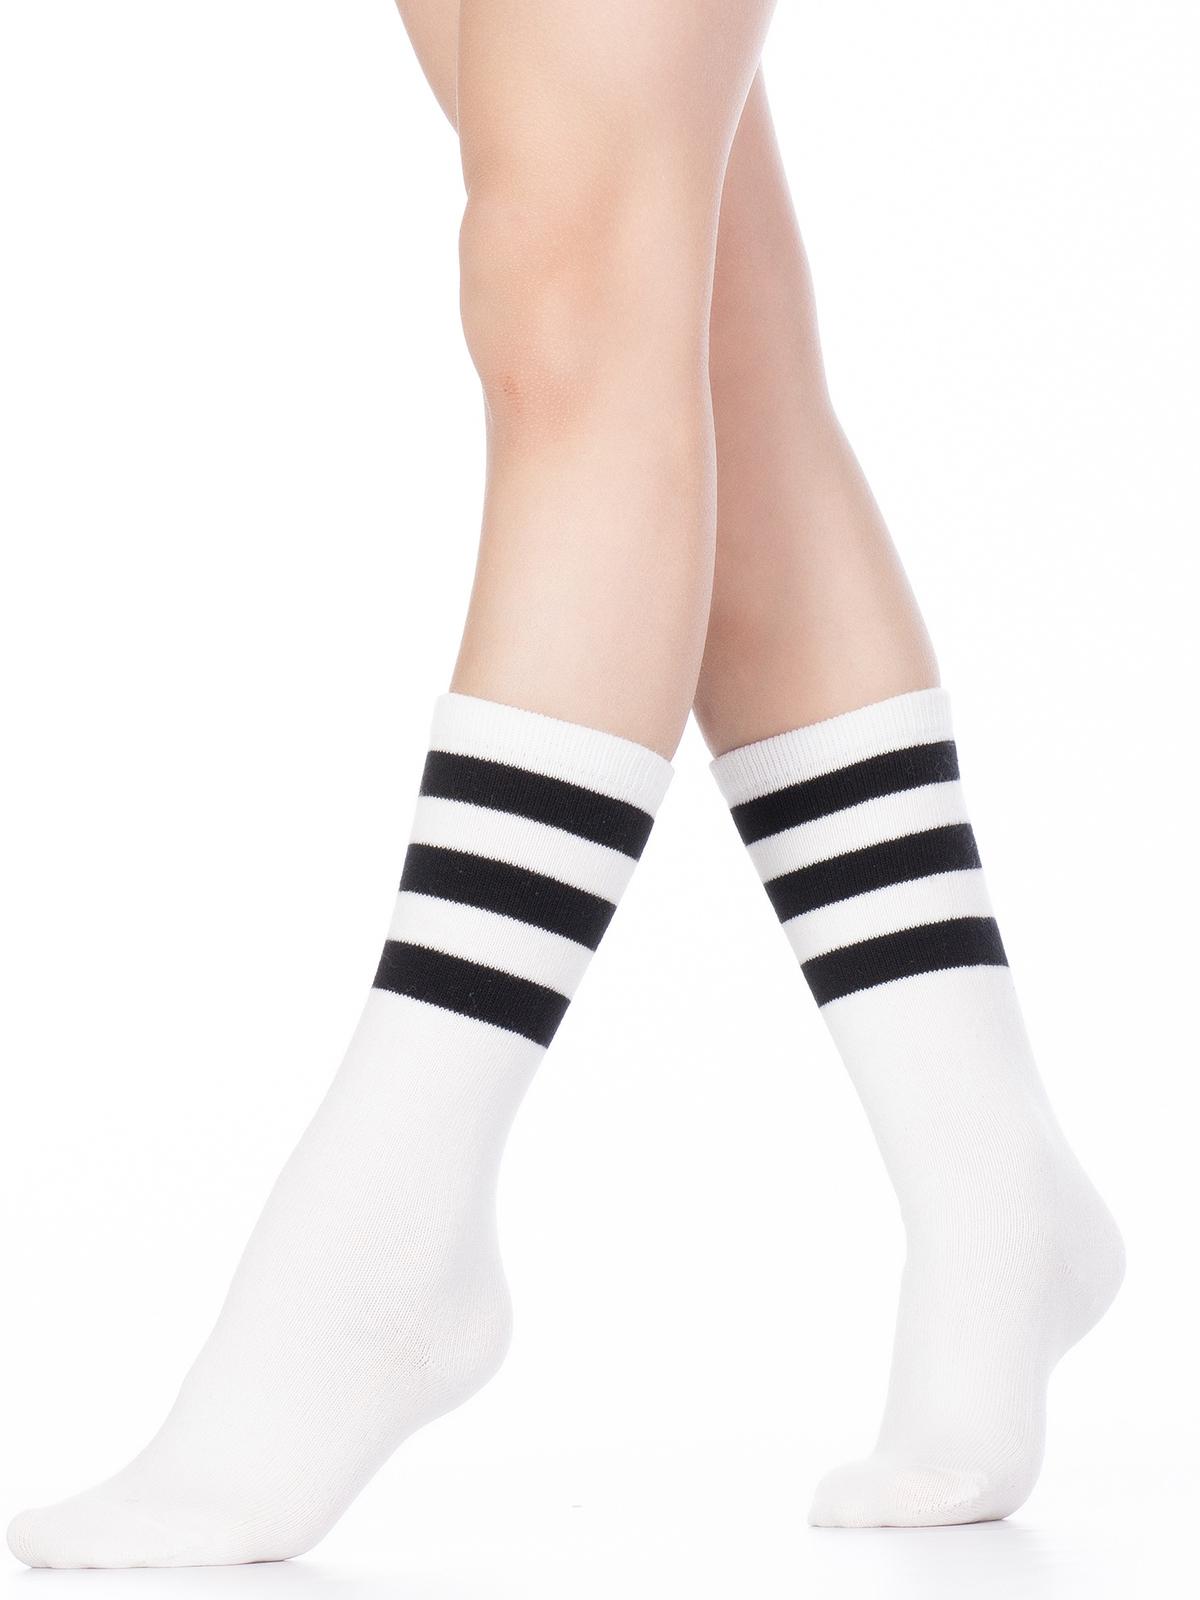 Купить Гольфы детские Hobby Line 4490-1 белый, черные полоски, 10-12, Гольфы для девочек